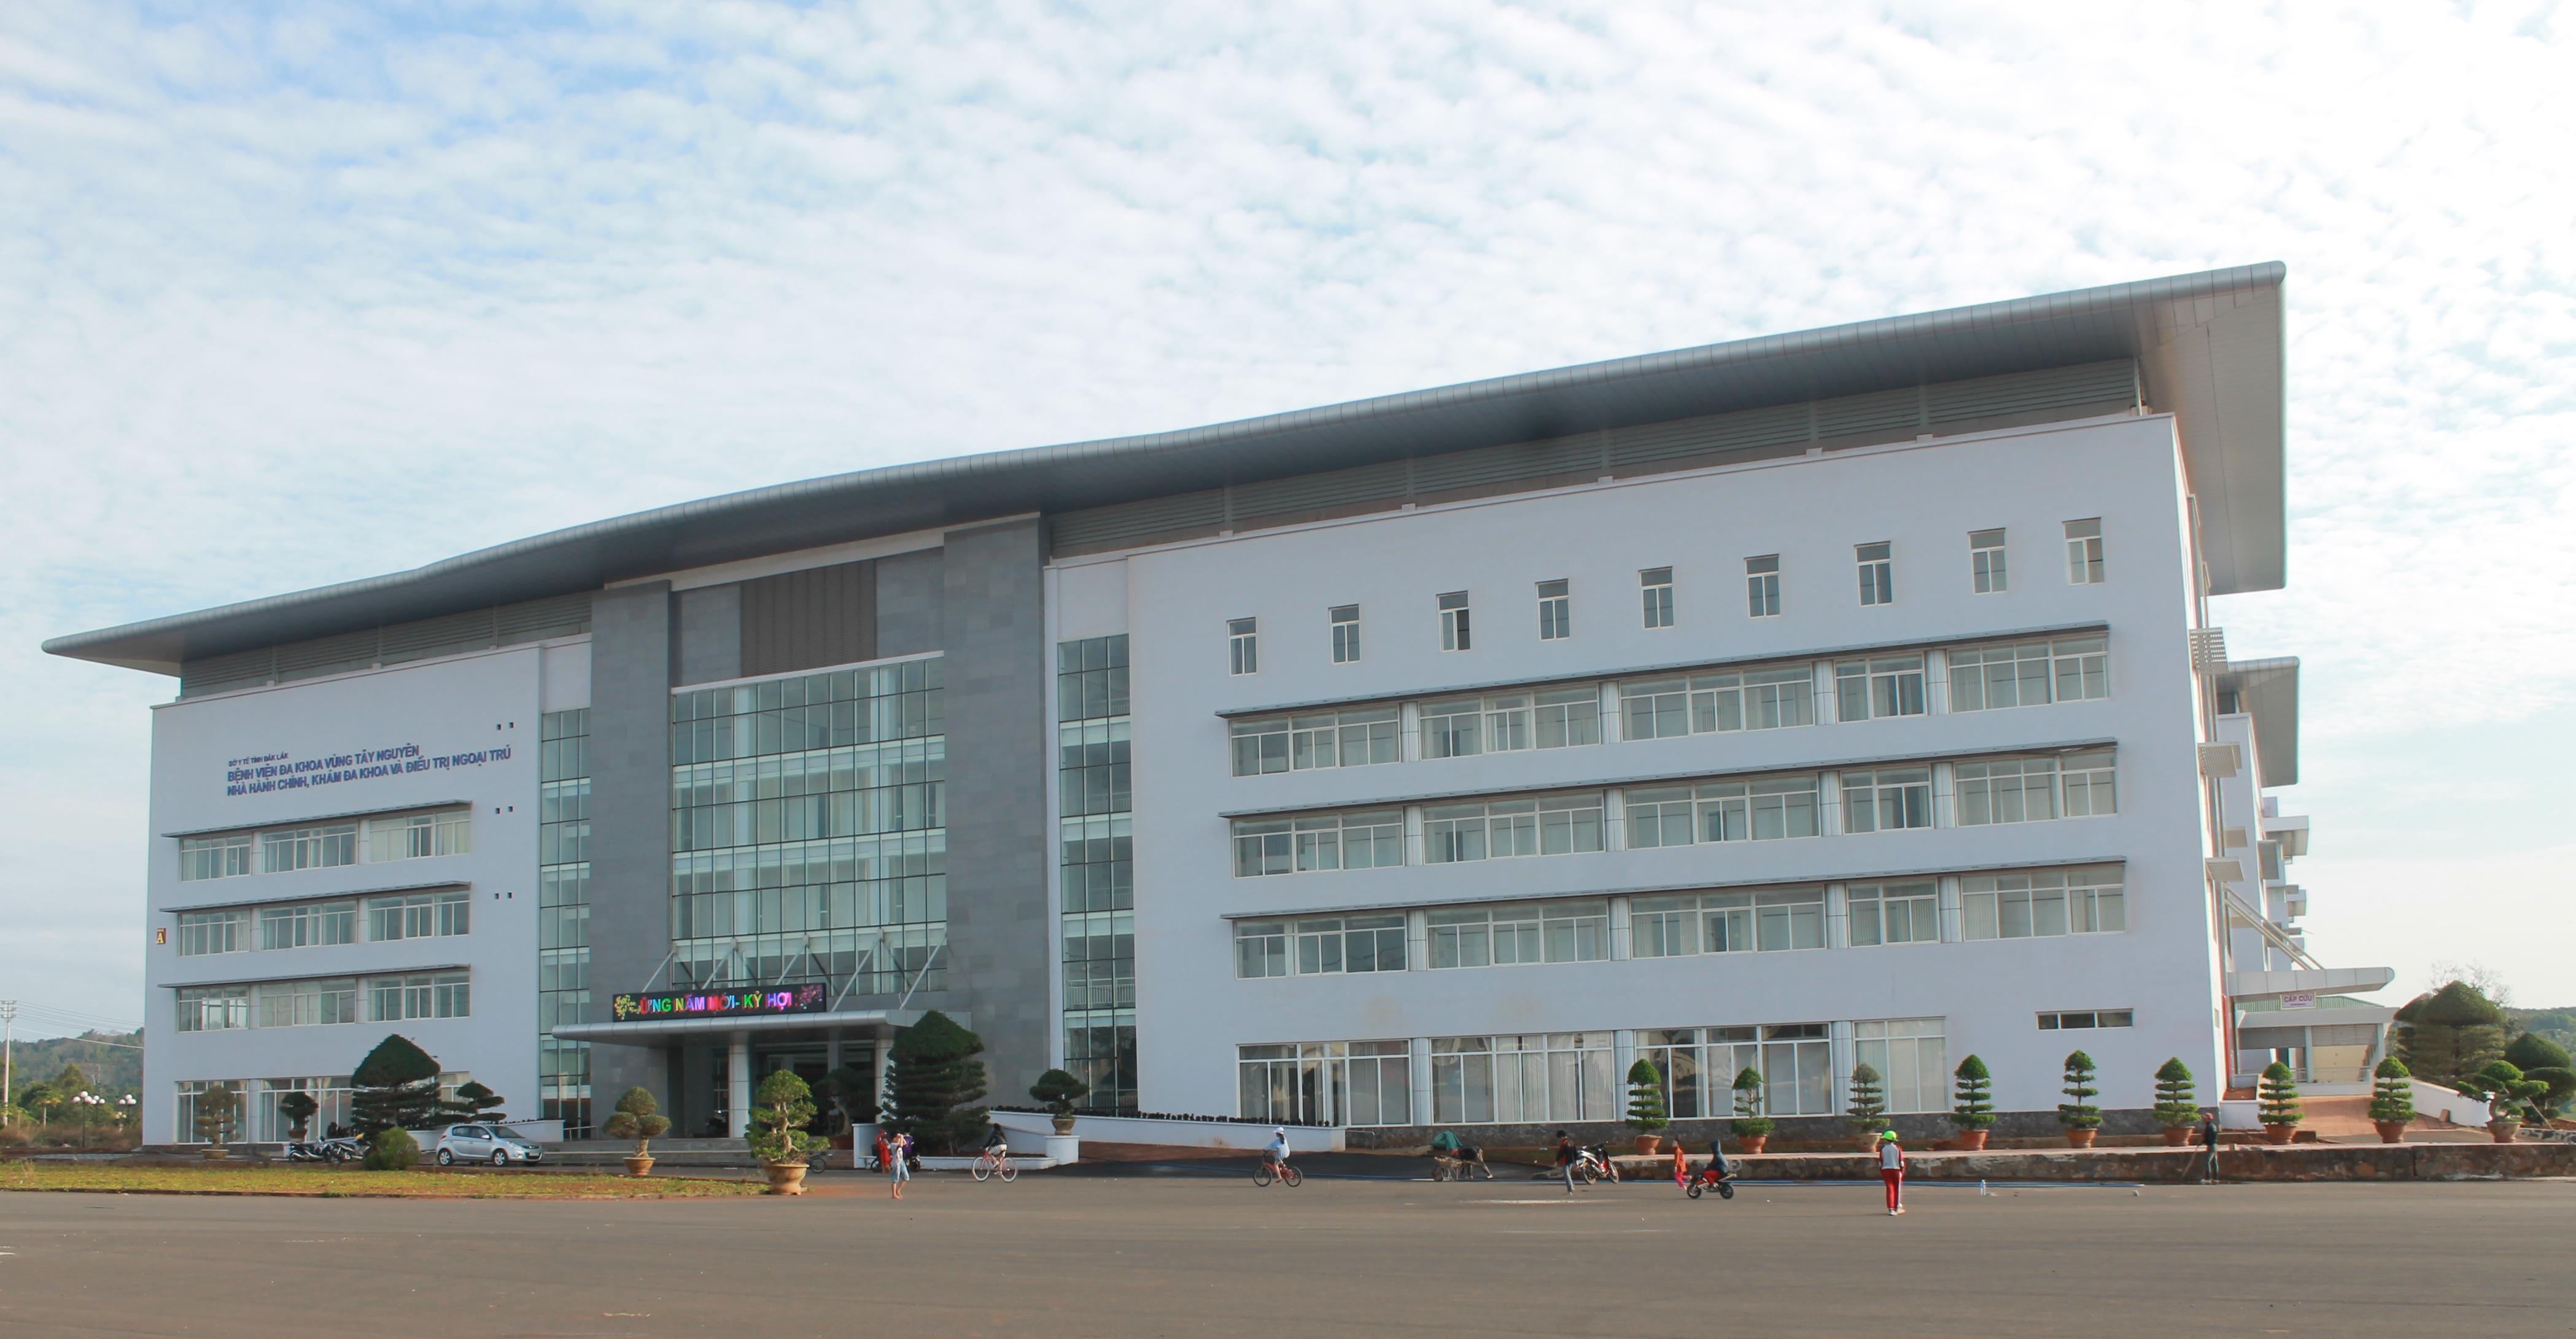 Gia hạn thời gian thực hiện hợp đồng thi công xây dựng công trình Bệnh viện Đa khoa huyện Krông Búk thuộc dự án Chăm sóc sức khỏe Nhân dân